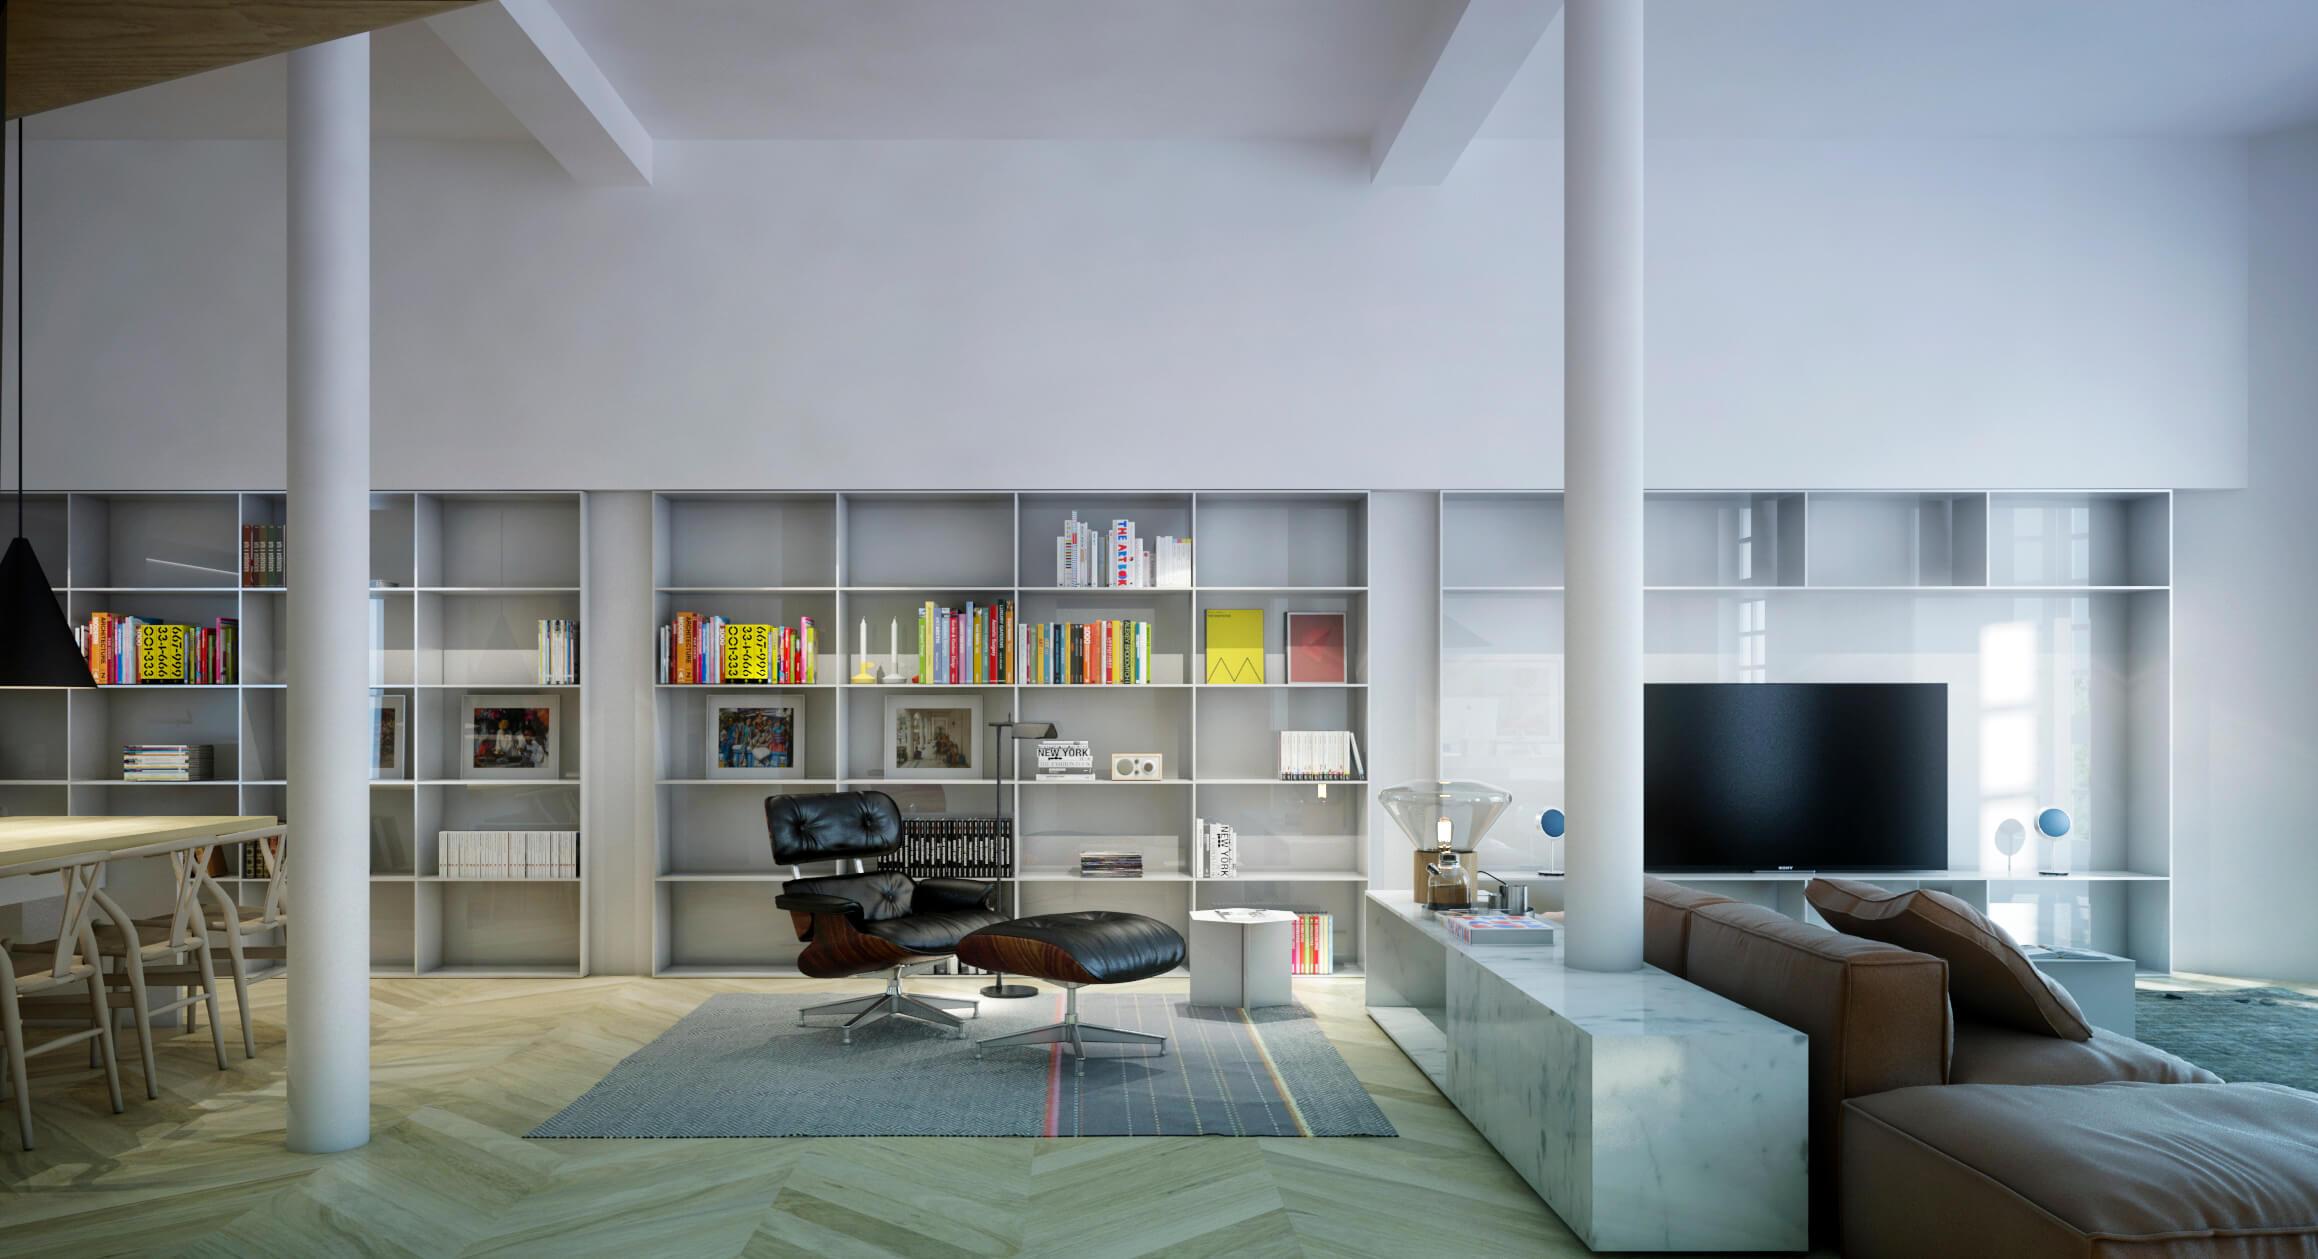 planell-hirsch_arquitectura_interiorismo_rehabilitacion_madrid espalter 03